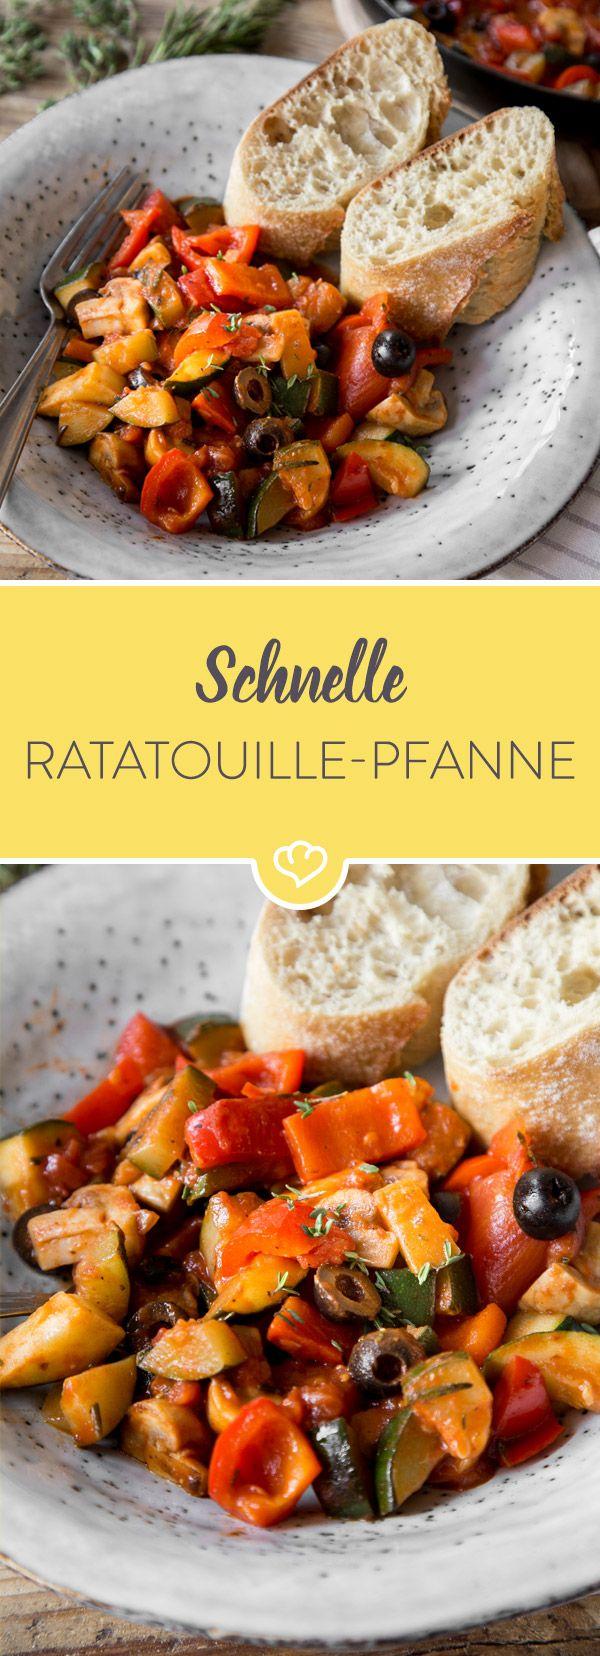 Spätestens seit Disneys kleinem Küchenchef heiß begehrt: Schnelles Ratatouille - hier mit Paprika, Zucchini und Champignons aus der Pfanne. #veganerezeptemittag